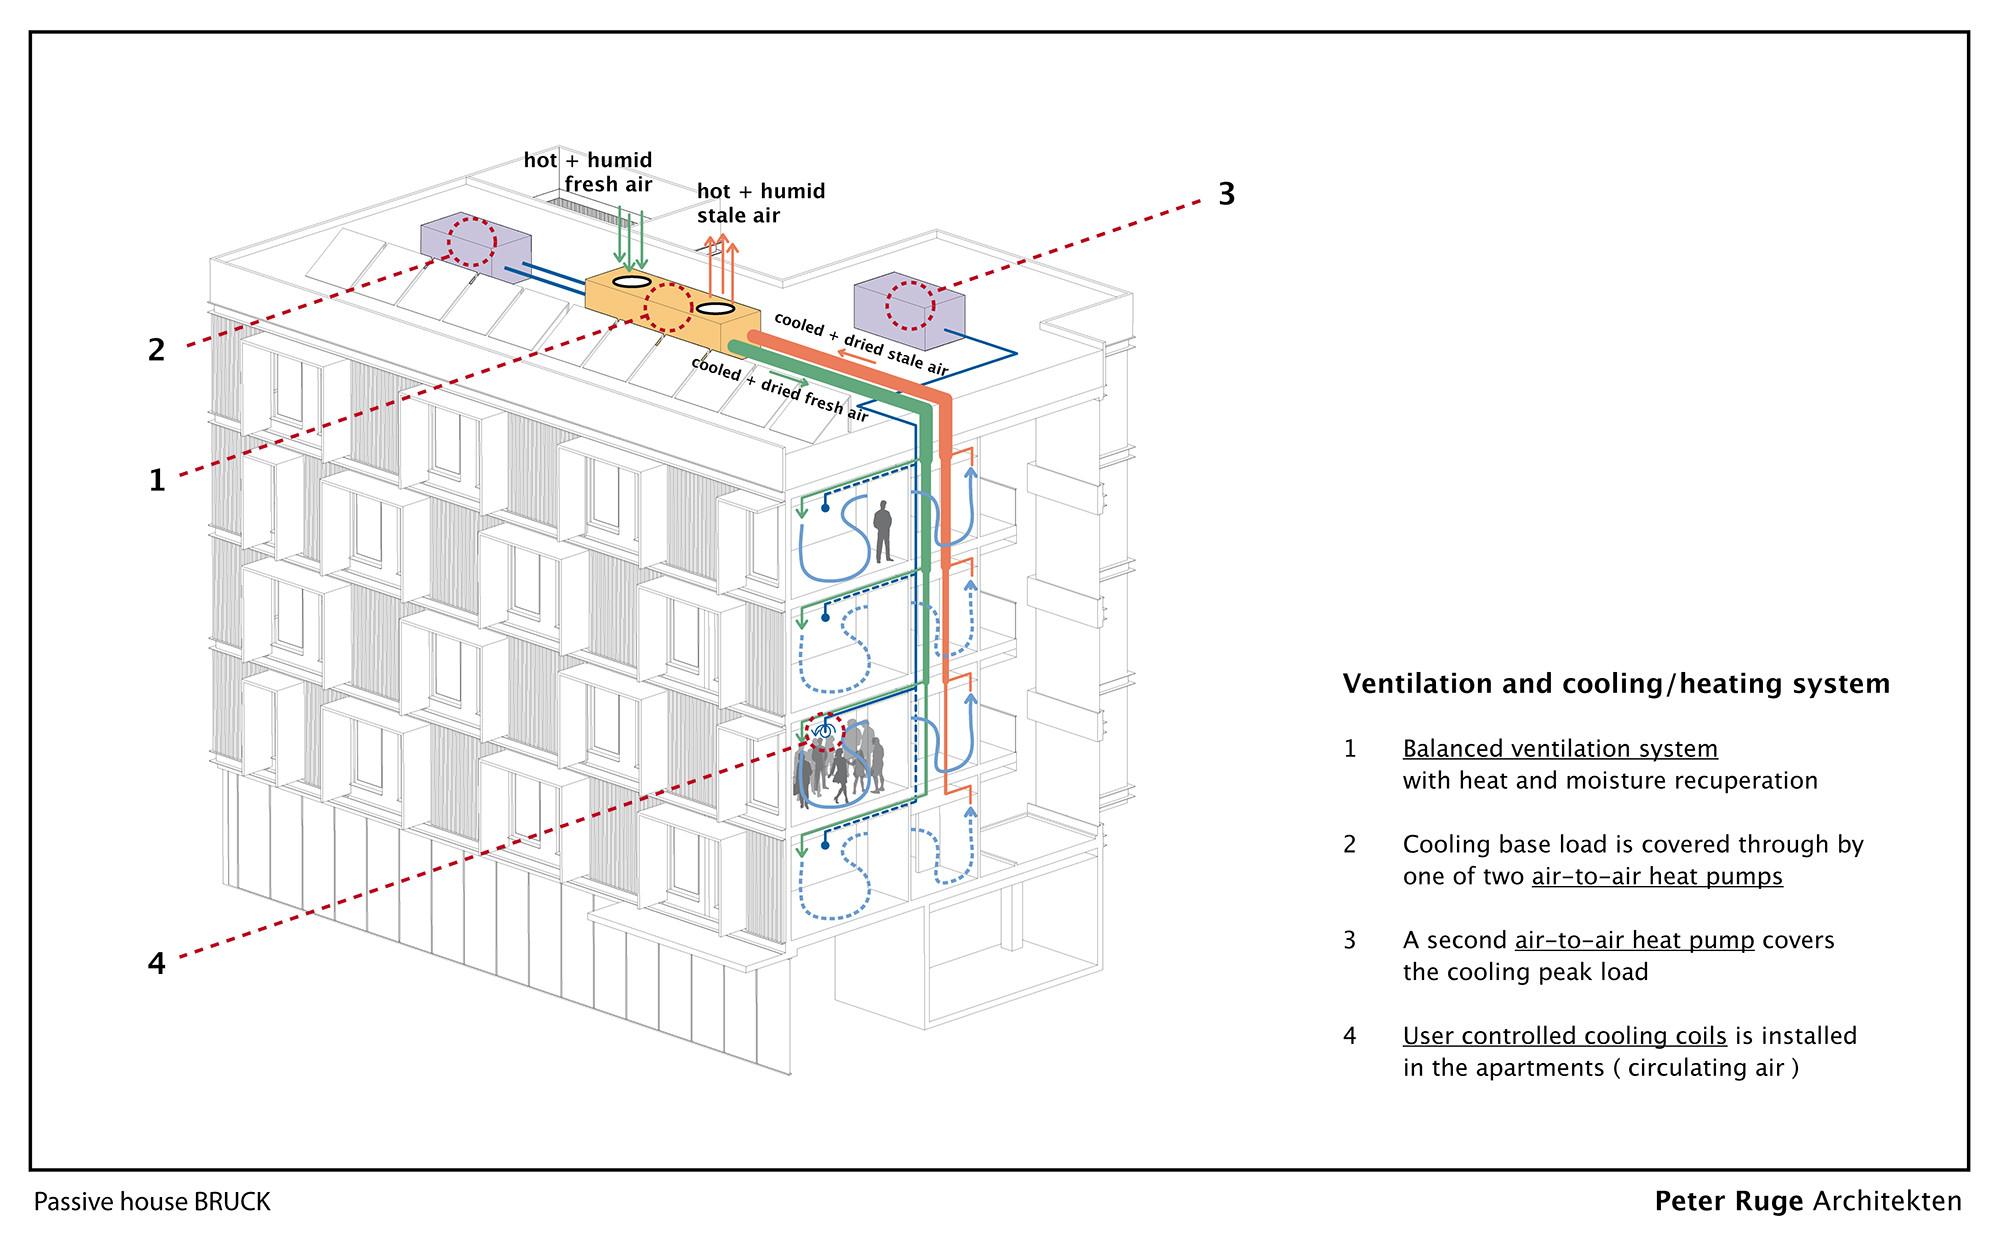 Atemberaubend Zwei Warmwasserbereiter Sanitär Diagramm Ideen - Der ...